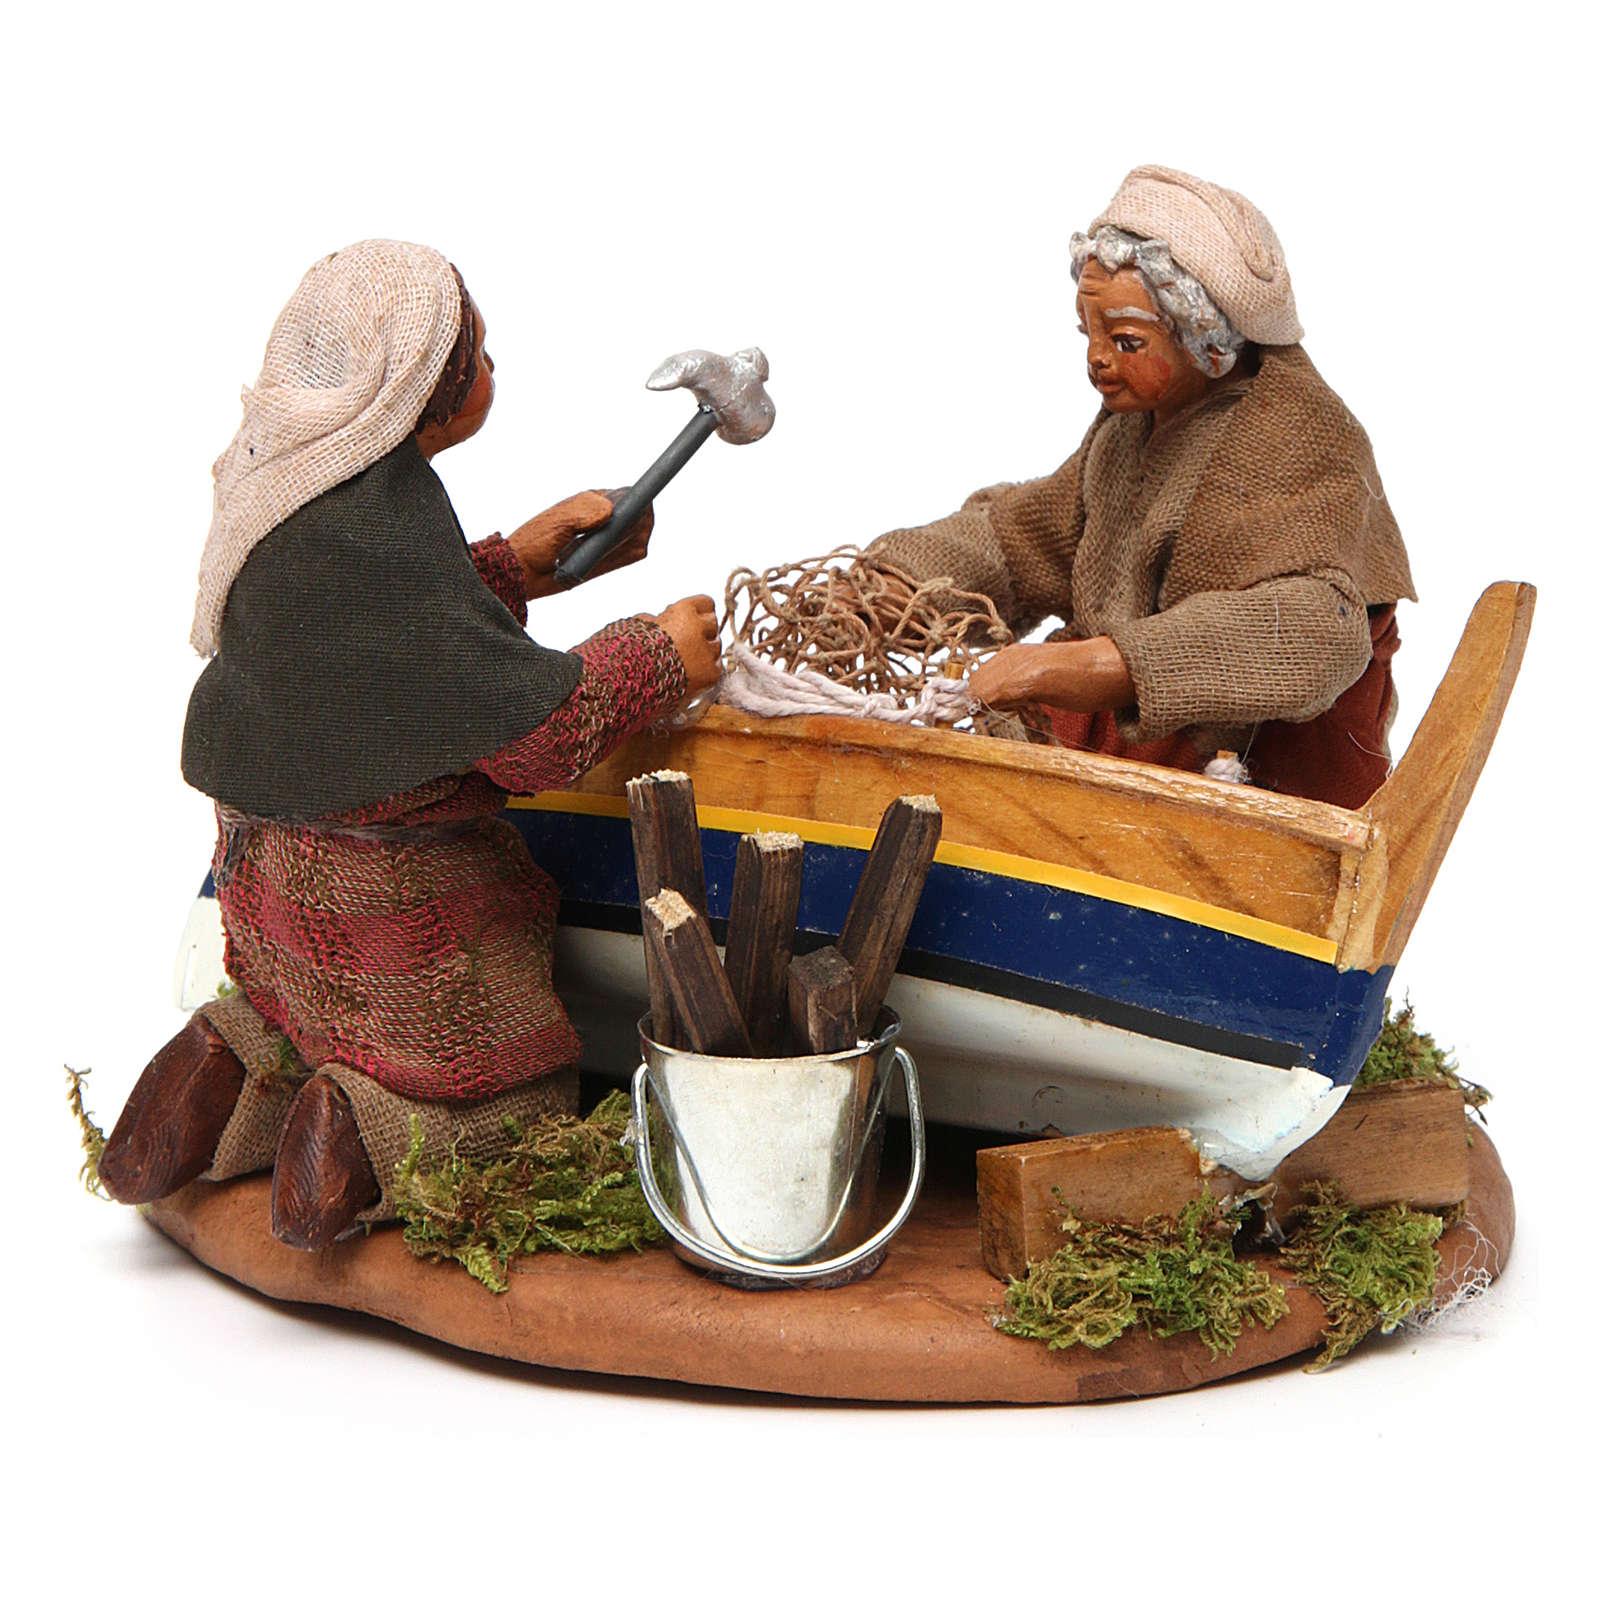 Pescatori con barca scenetta 10 cm 4